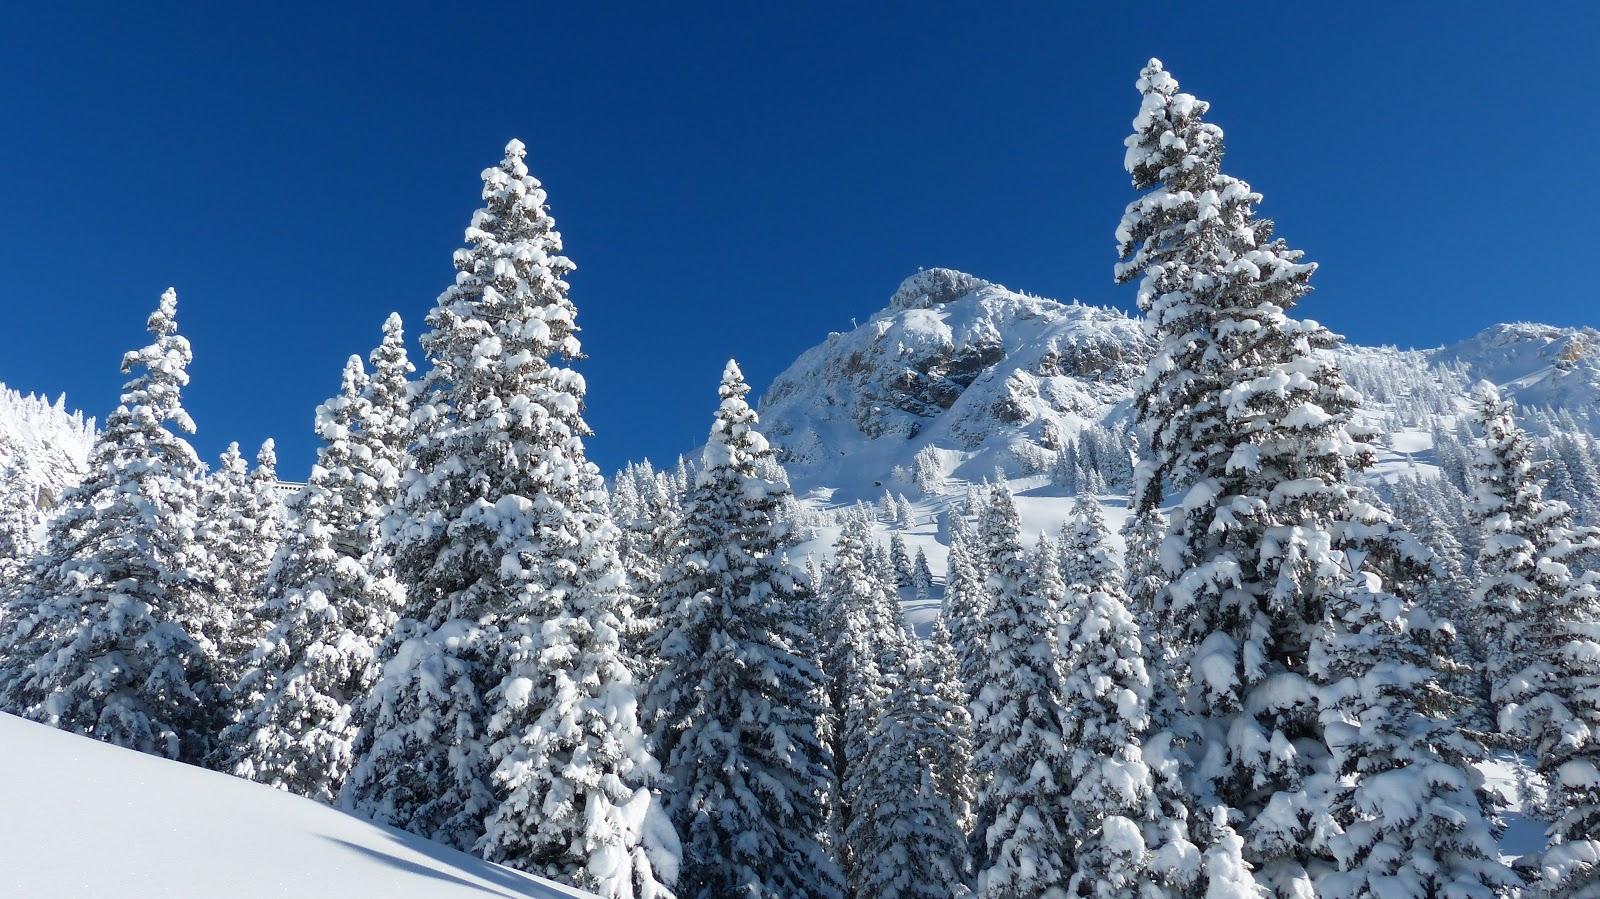 冬の青空の下の雪が積もった樅の木の森